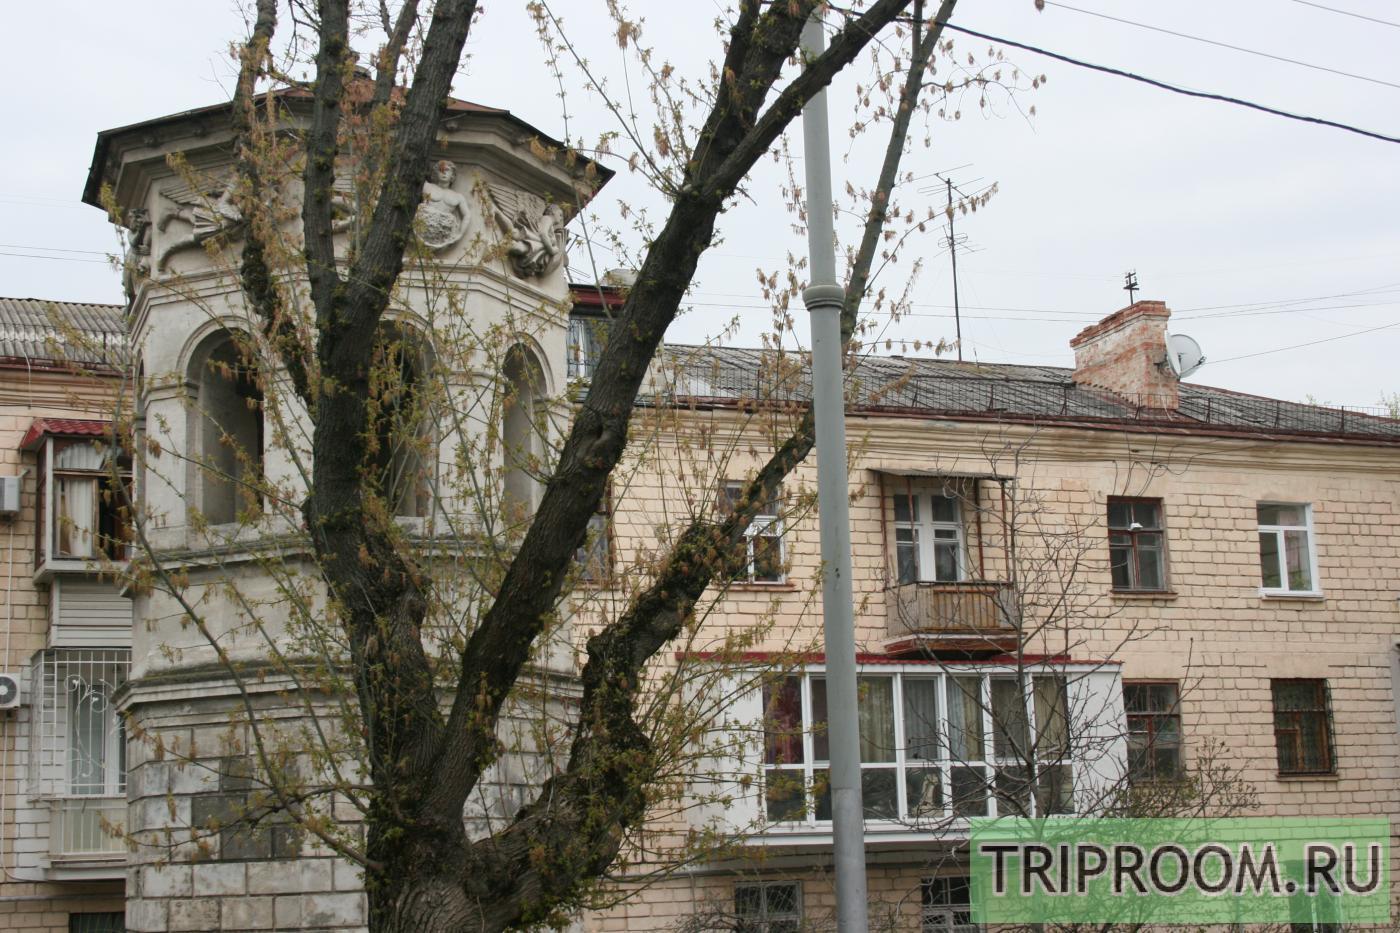 1-комнатная квартира посуточно (вариант № 1326), ул. Советская улица, фото № 13